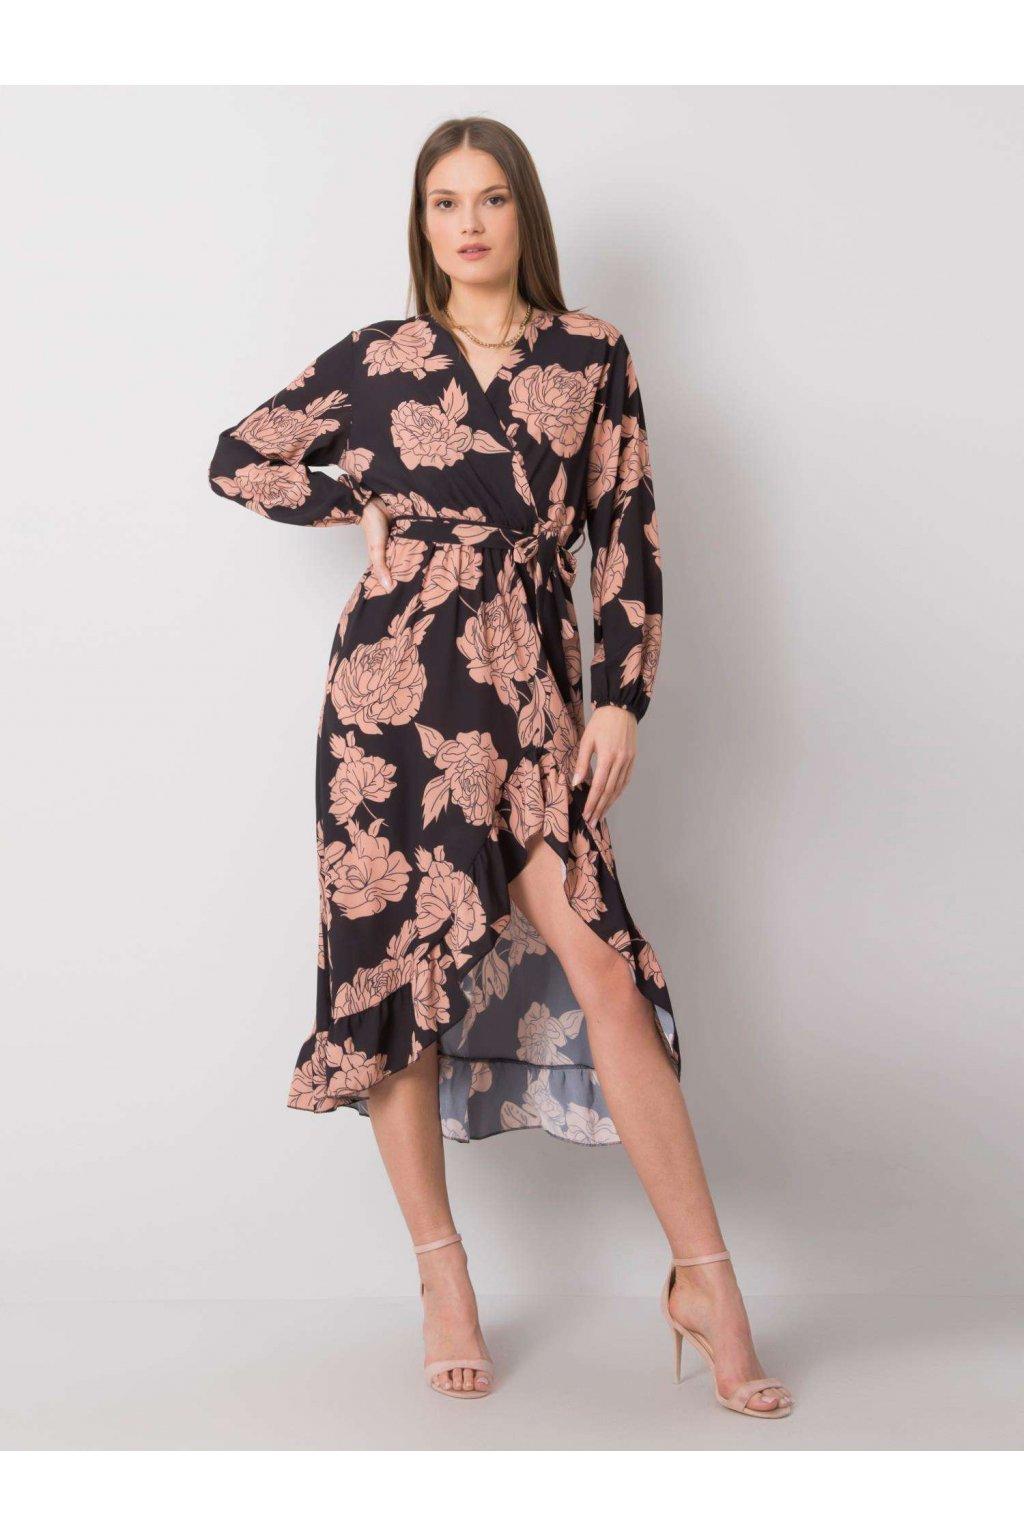 pol pl Czarno bezowa sukienka w kwiaty Camelia 362579 1